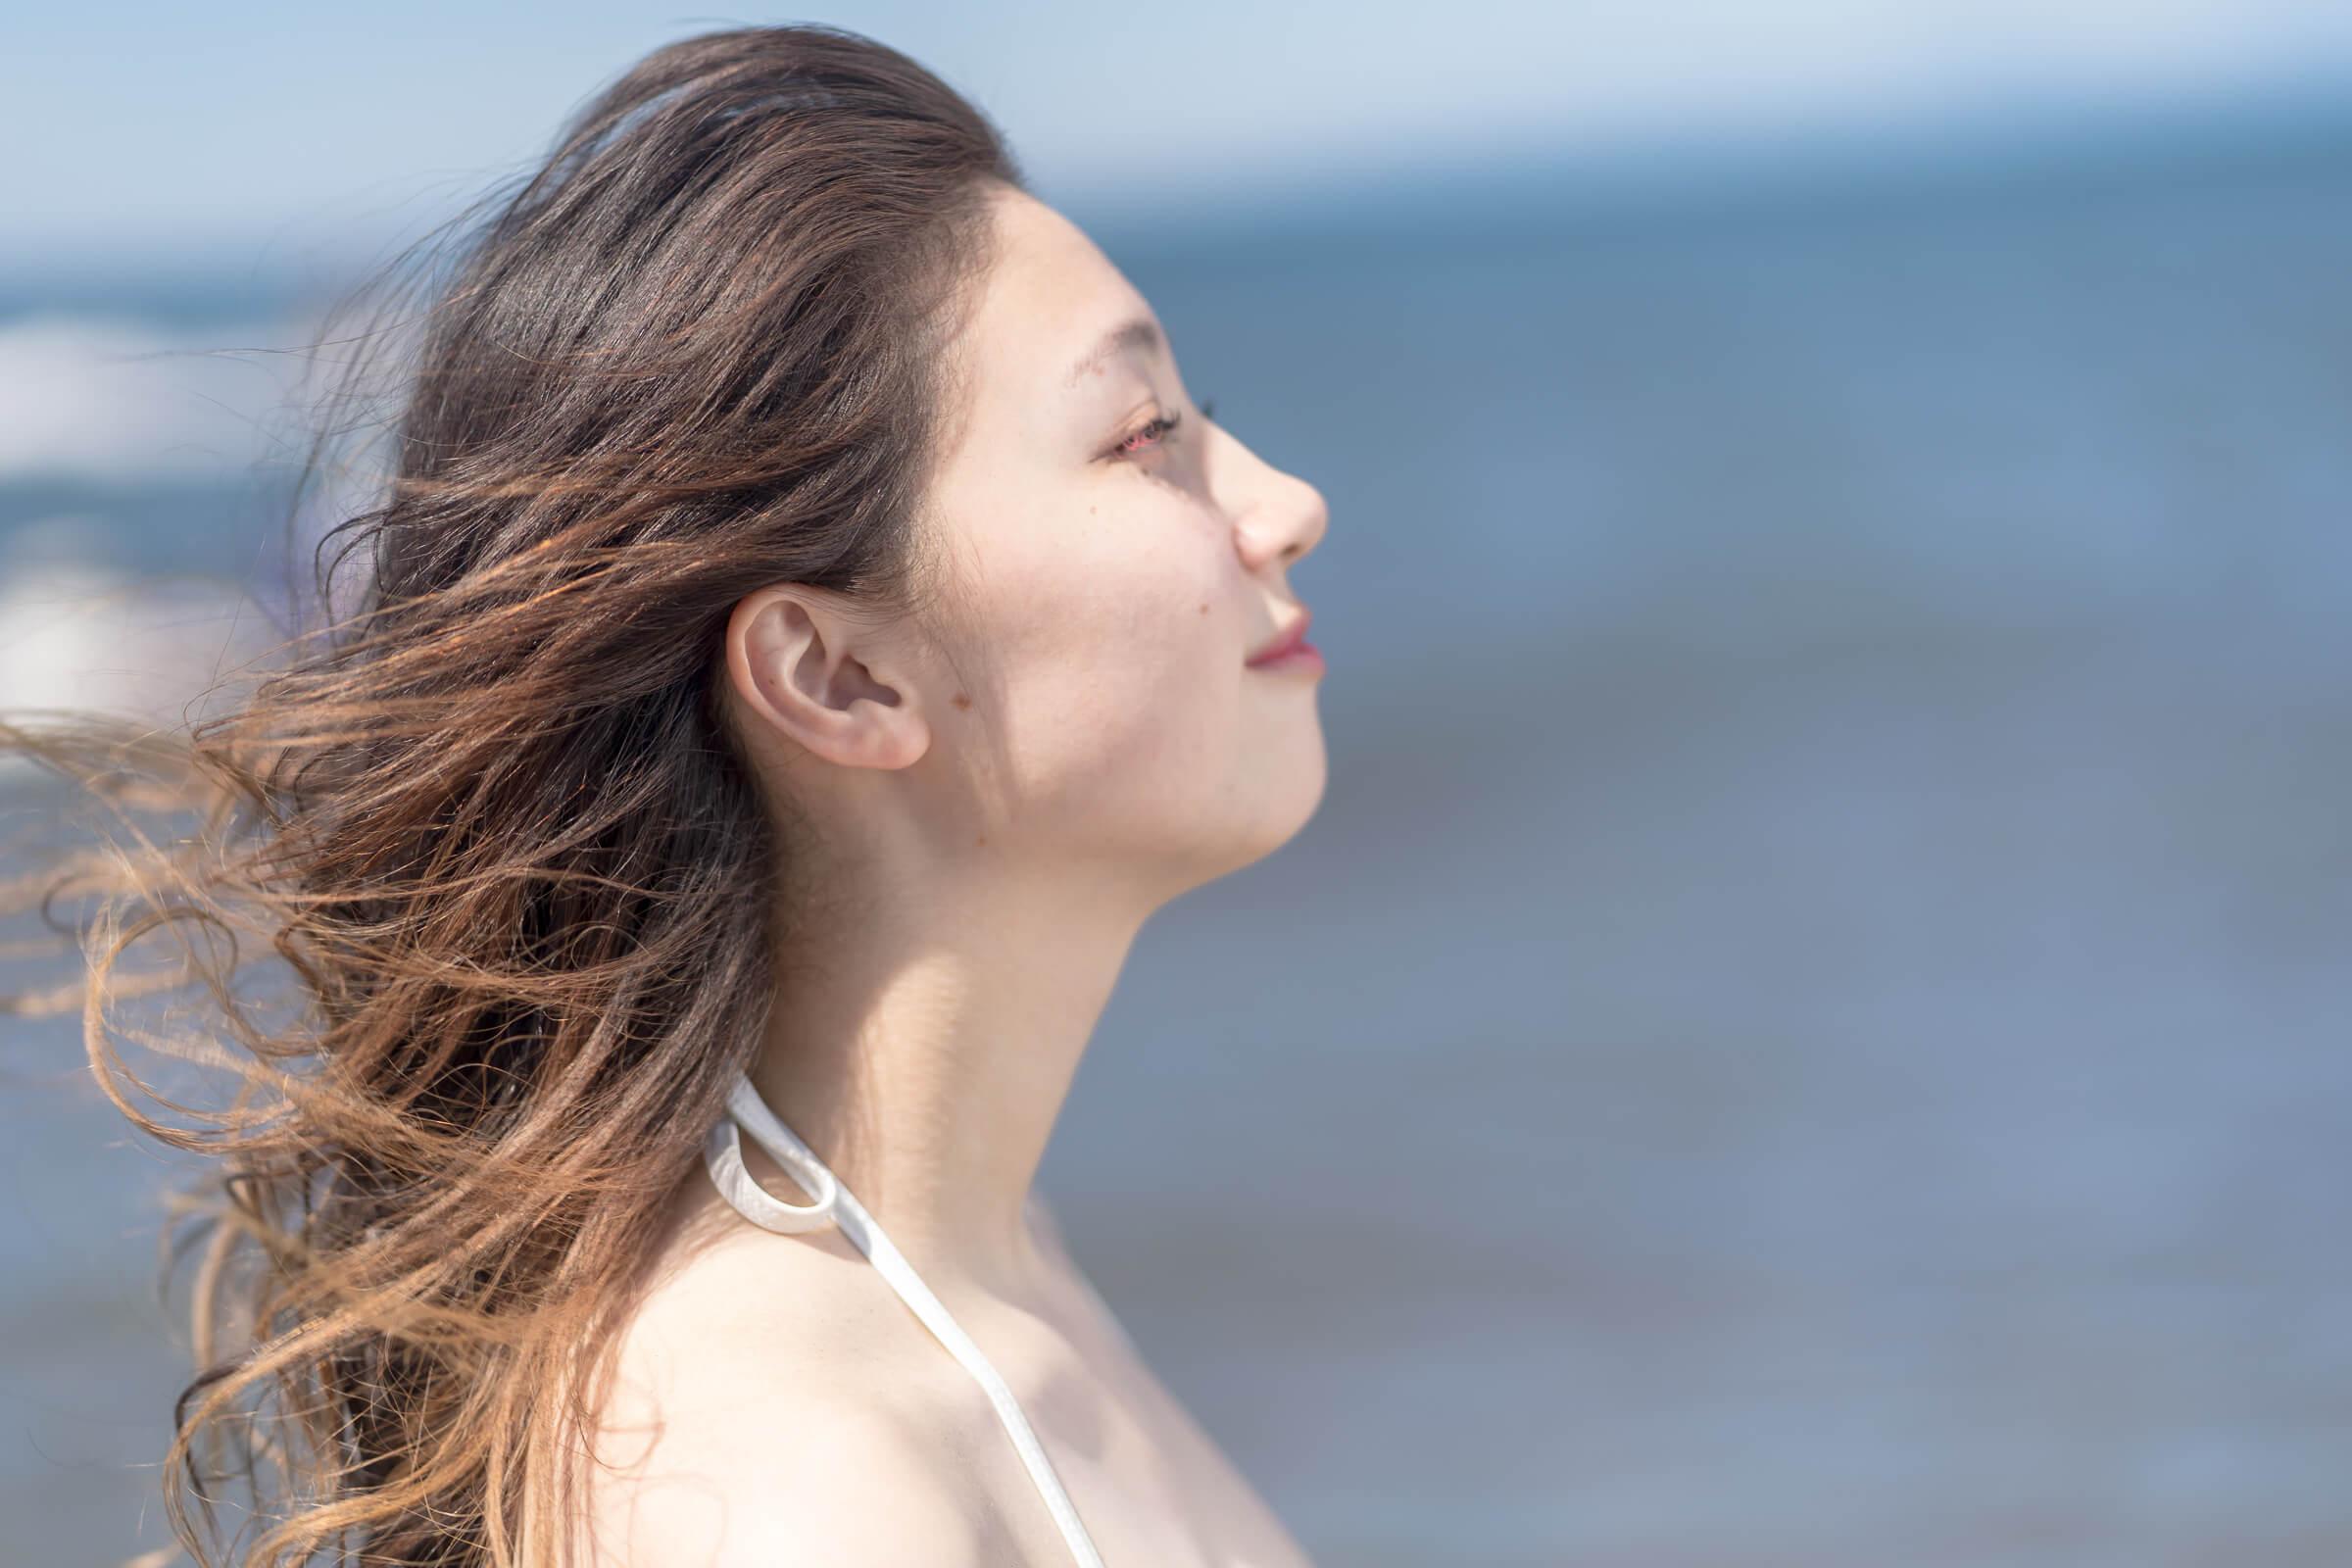 2代目HAPPY少女♪ きょうか ( 山田京佳 ) | ライブプロ海イベント2018水着撮影会